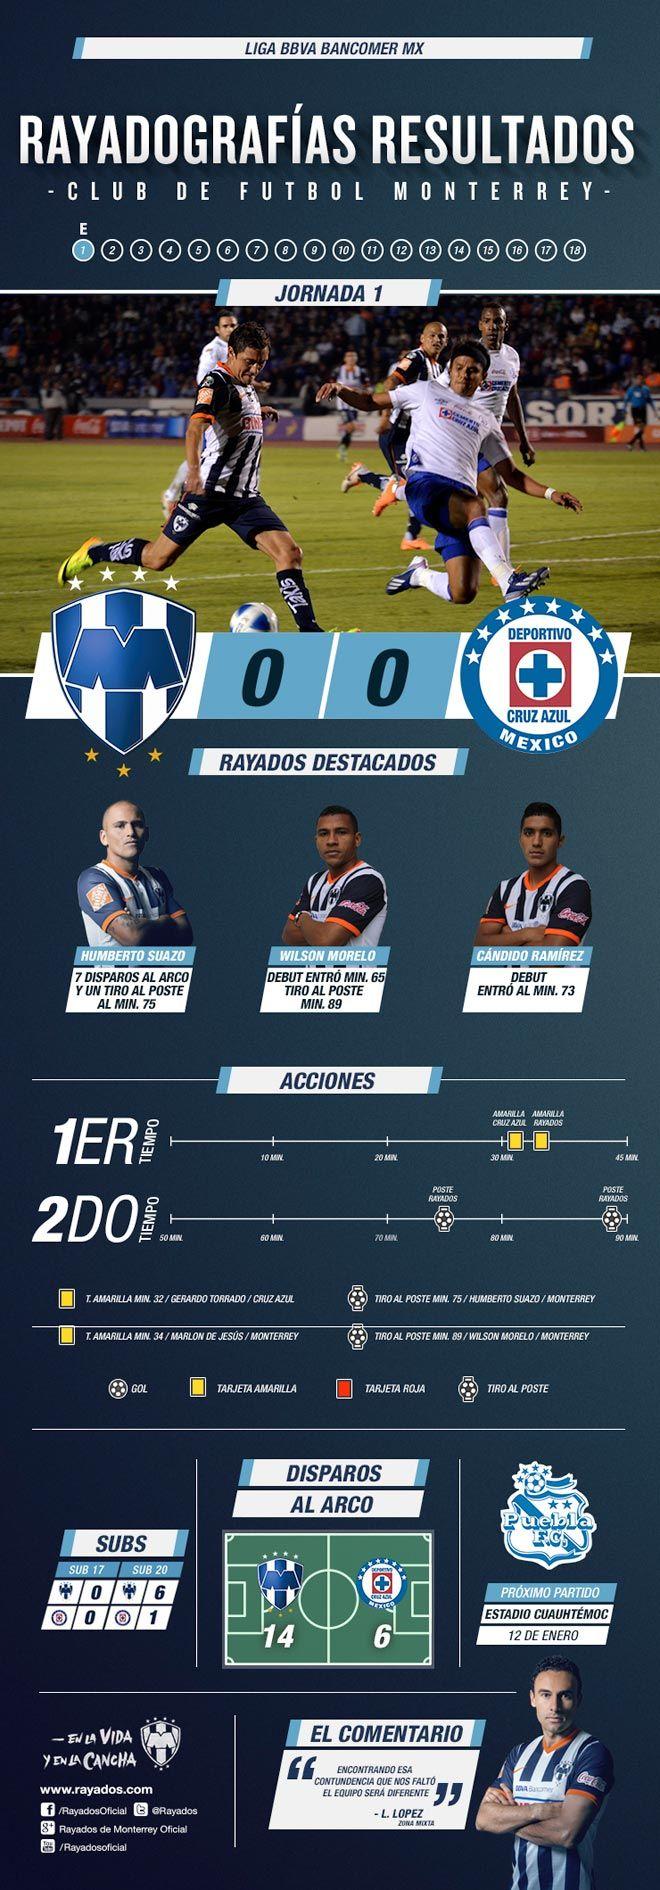 La Rayadografía de resultados de la Jornada 1. #Rayados #futbol @Liga Zervena Bancomer MX #sports #Deportes